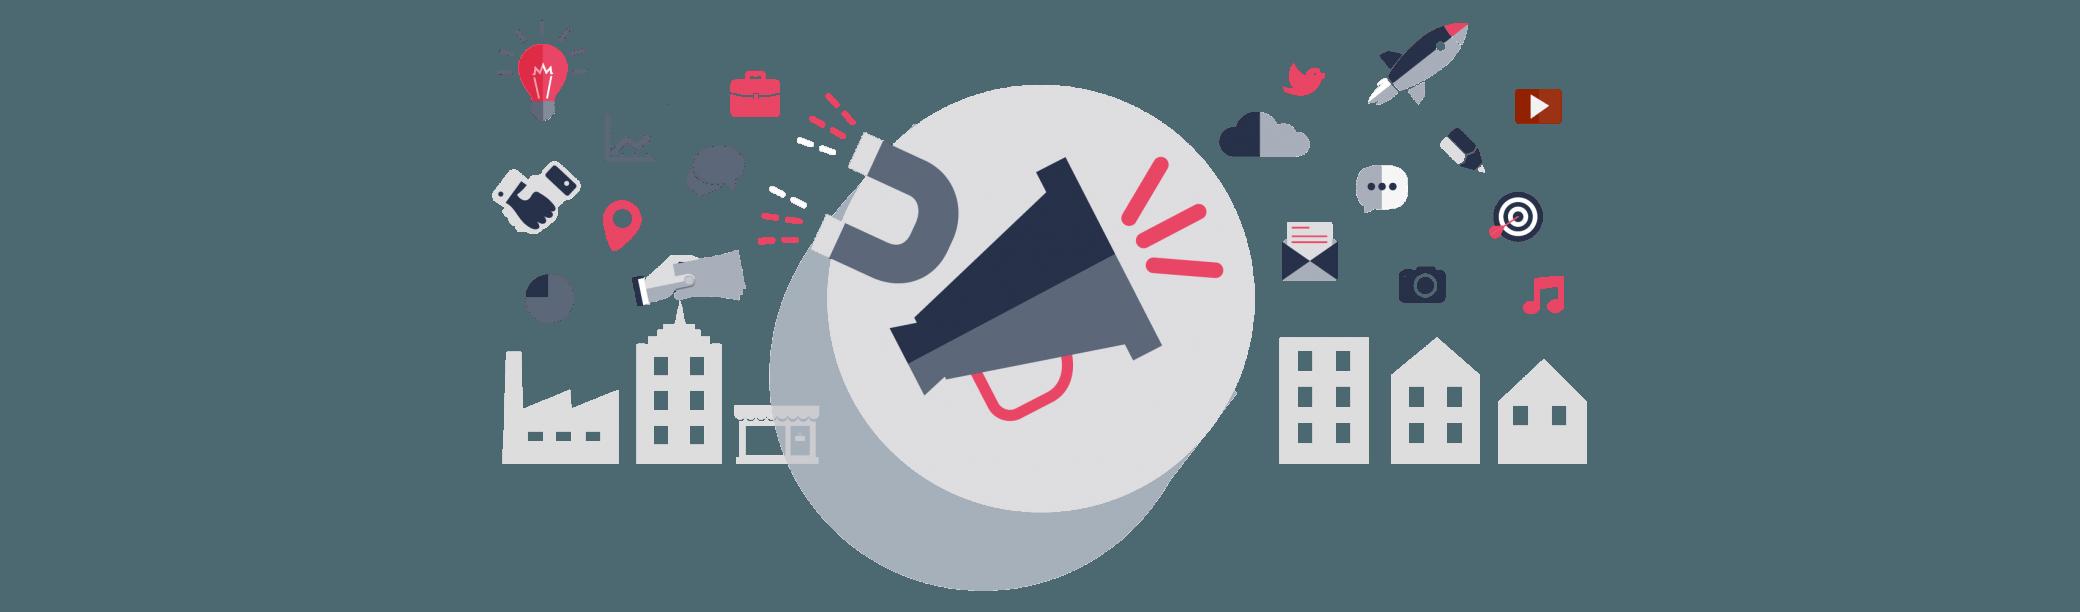 Social Media Marketing - Ullrich Online Marketing - Berlin